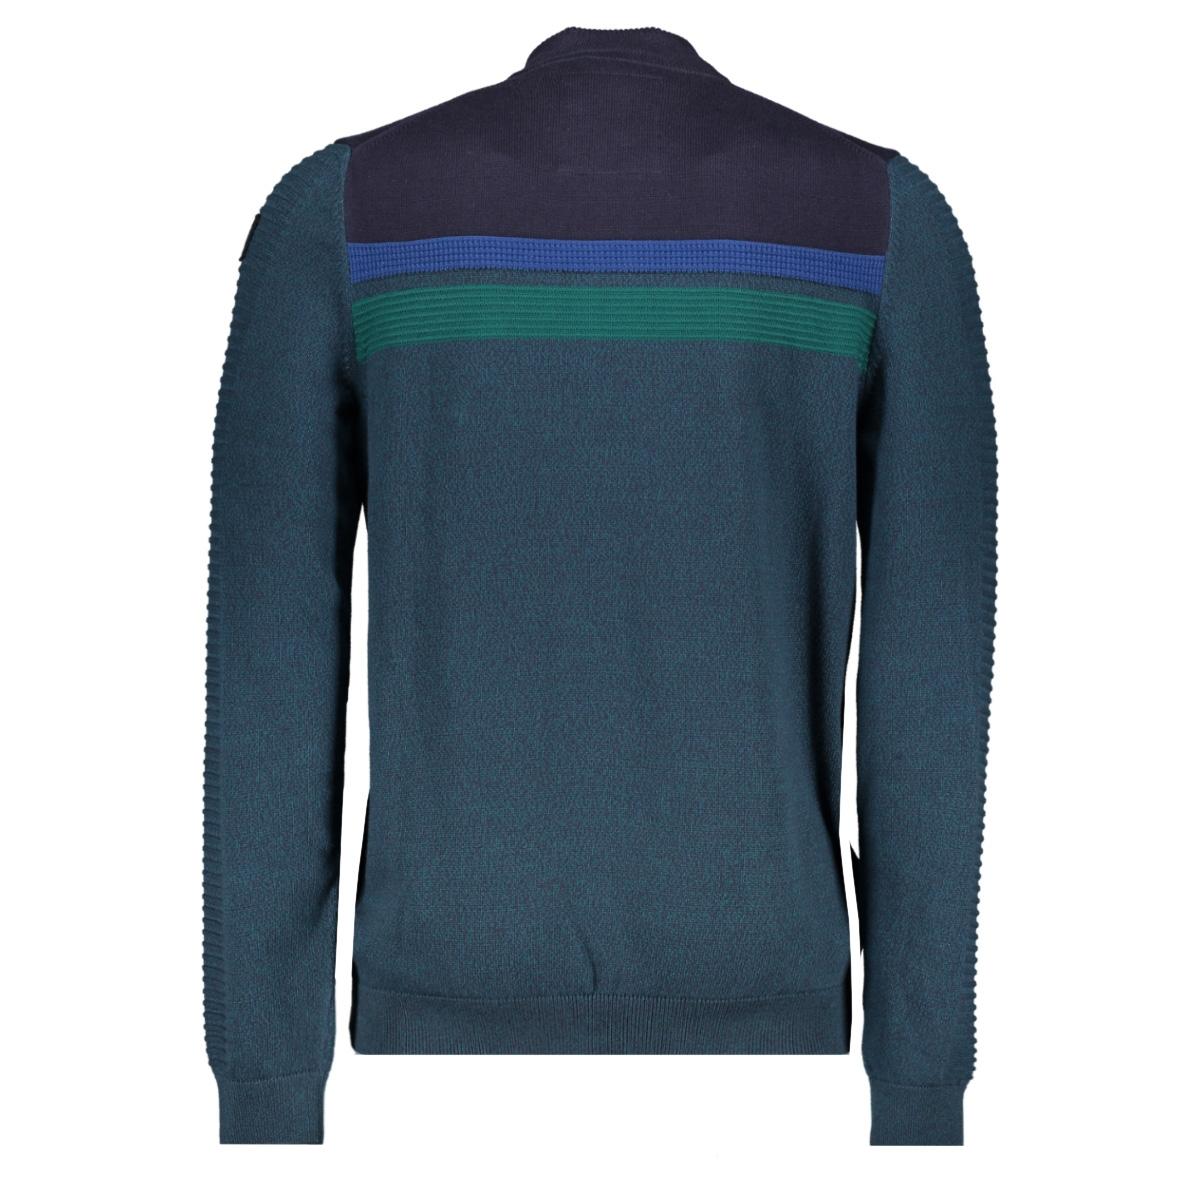 zip jacket cotton vkc196160 vanguard vest 5281